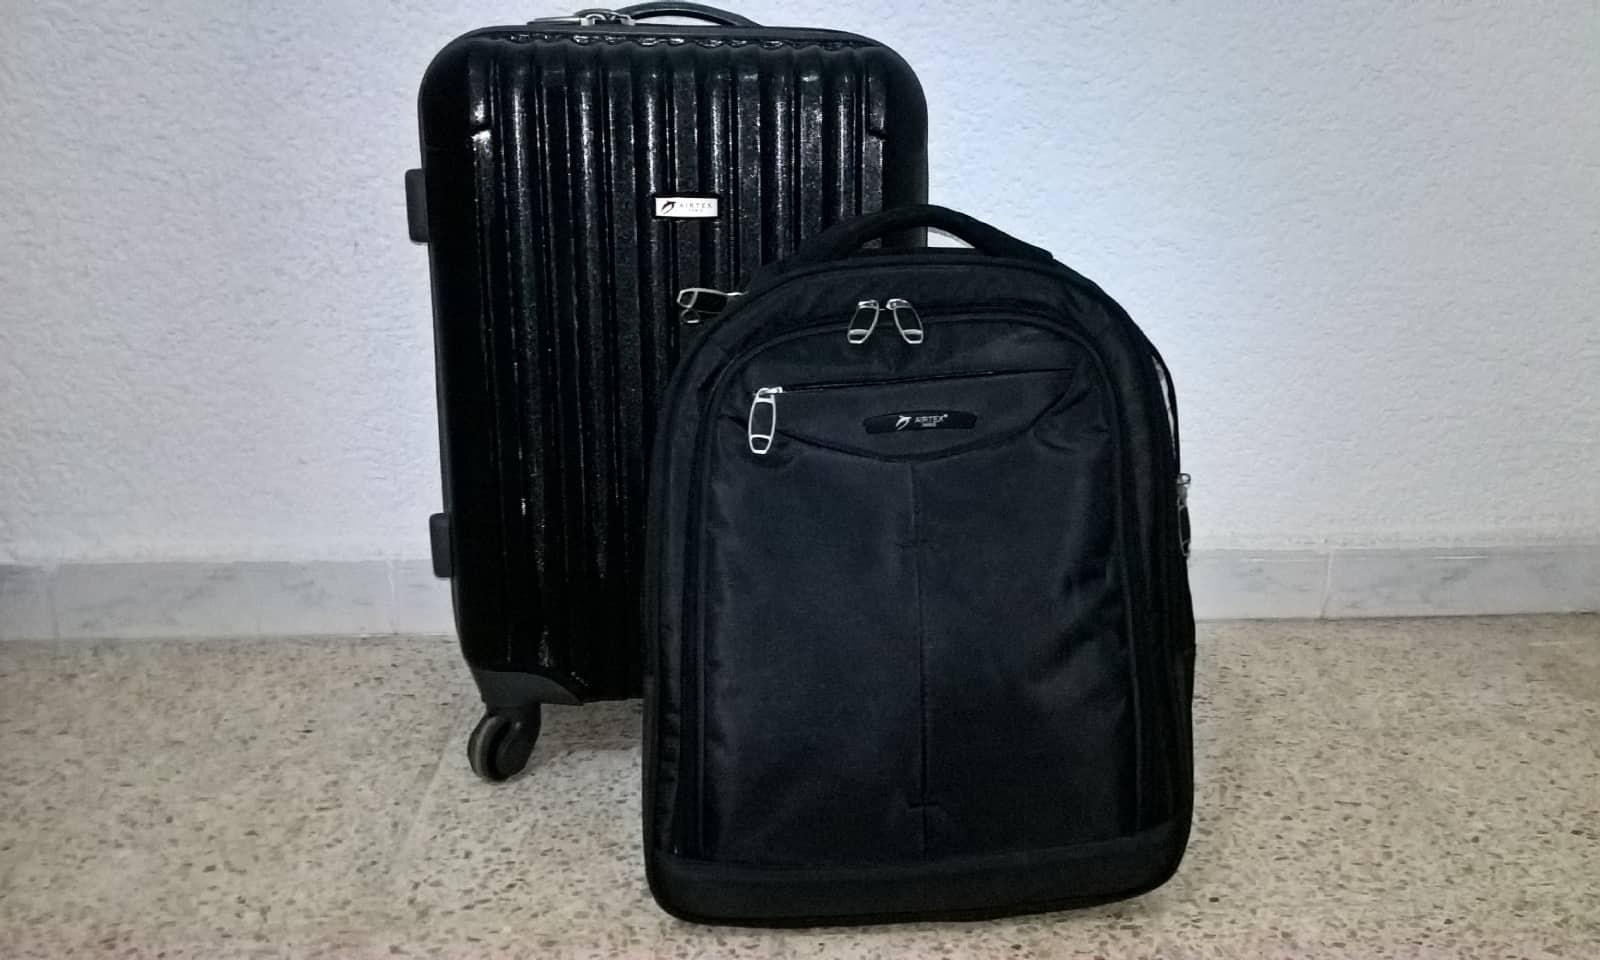 vente chaude en ligne deaf8 ffcc6 Un deuxième bagage en cabine avec la règle de l'accessoire ...